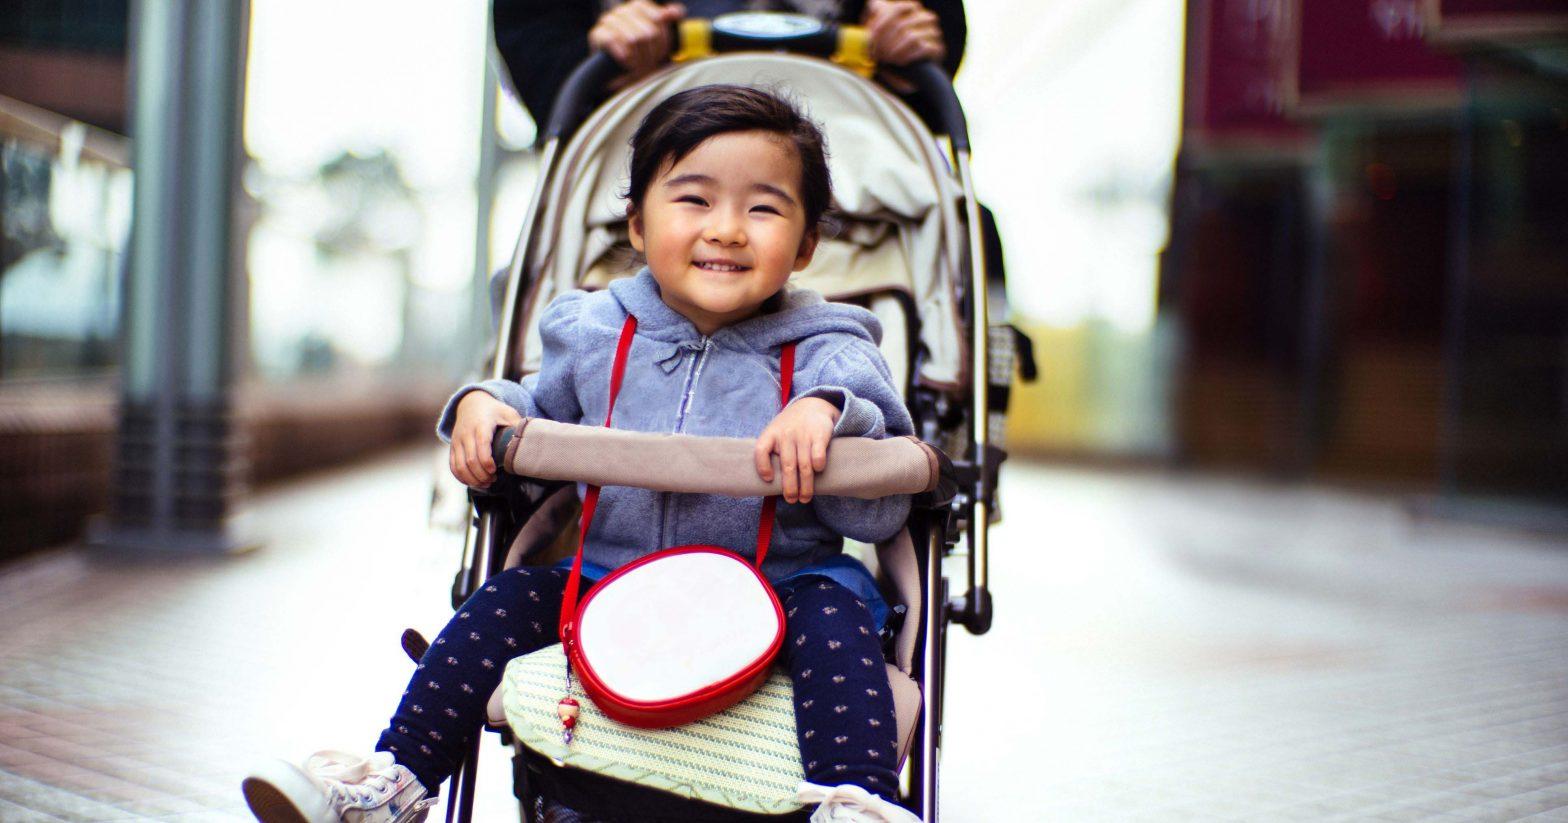 Penyebab Terjadinya Obesitas Pada Anak